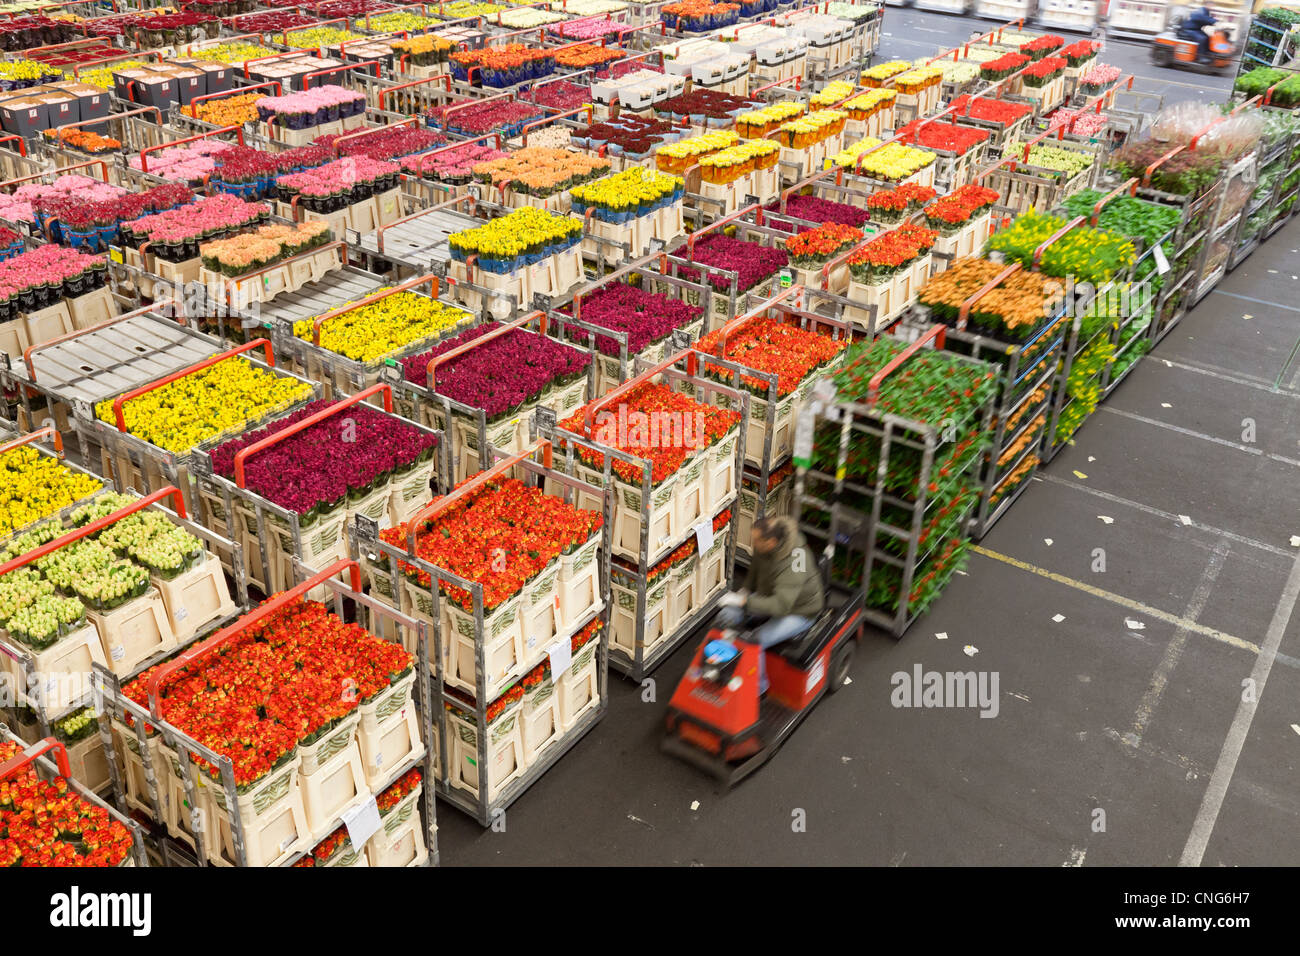 Valentine's rush at Dutch flower auction